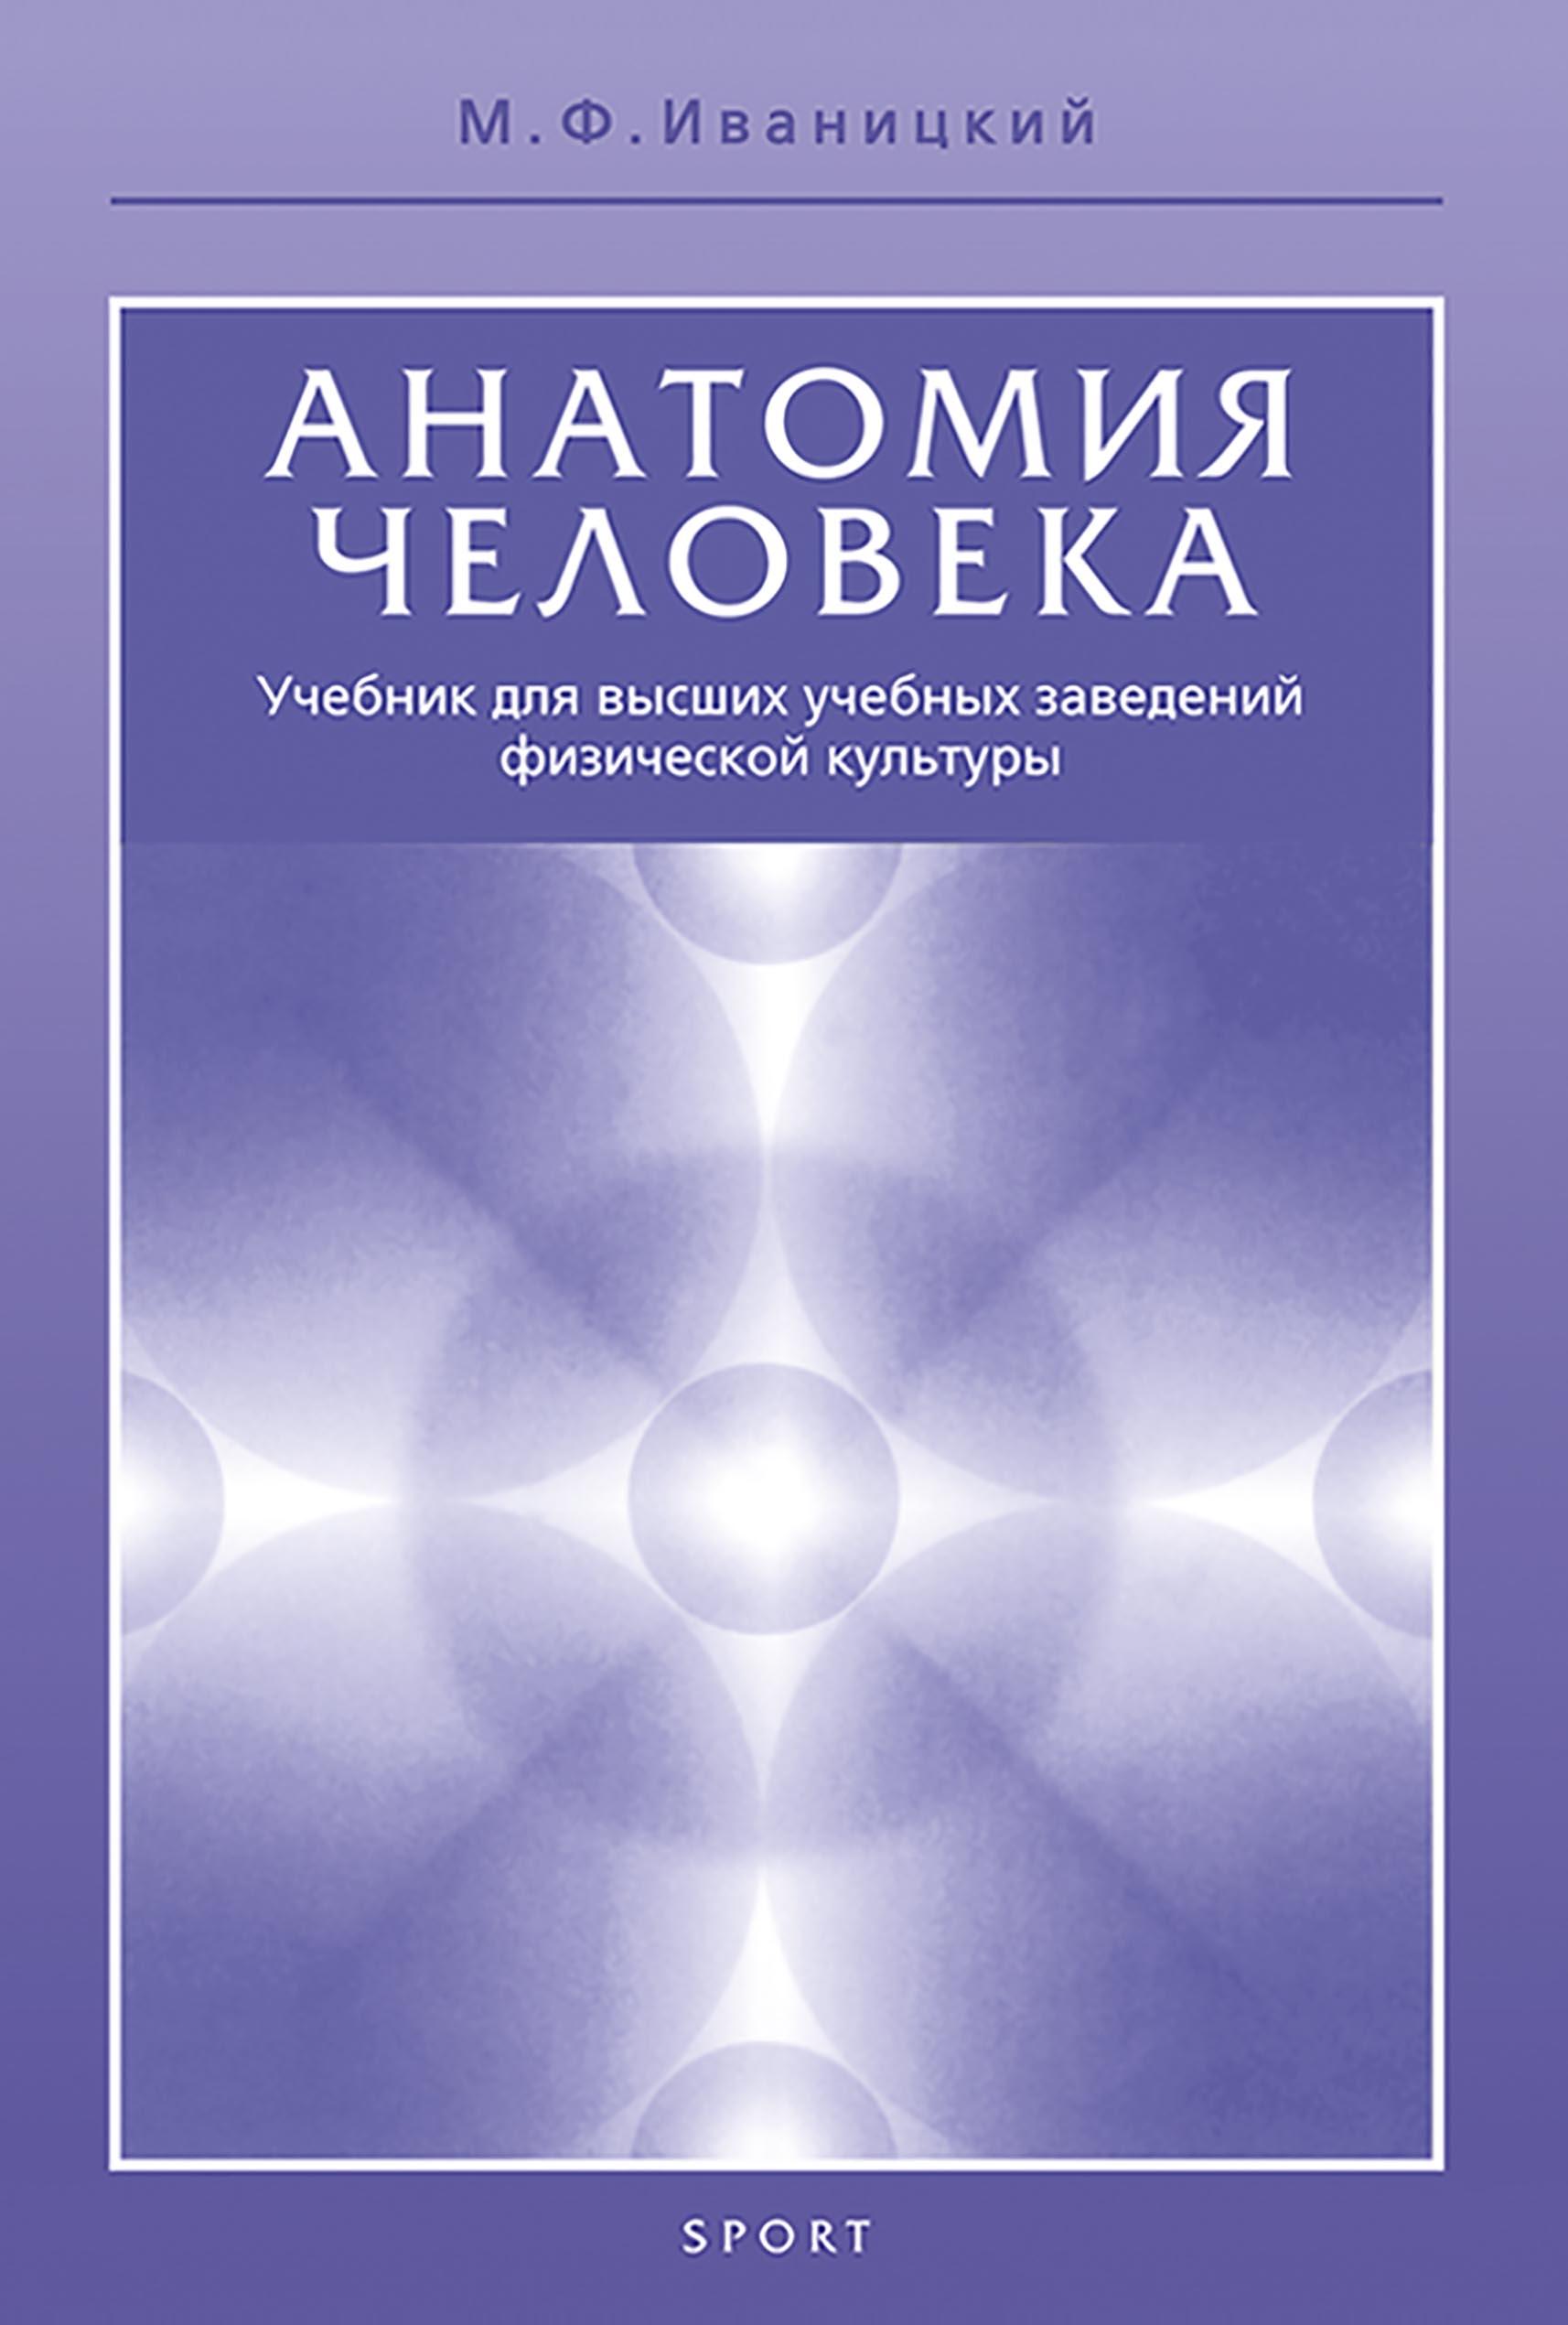 М. Ф. Иваницкий Анатомия человека. Учебник для высших учебных заведений физической культуры